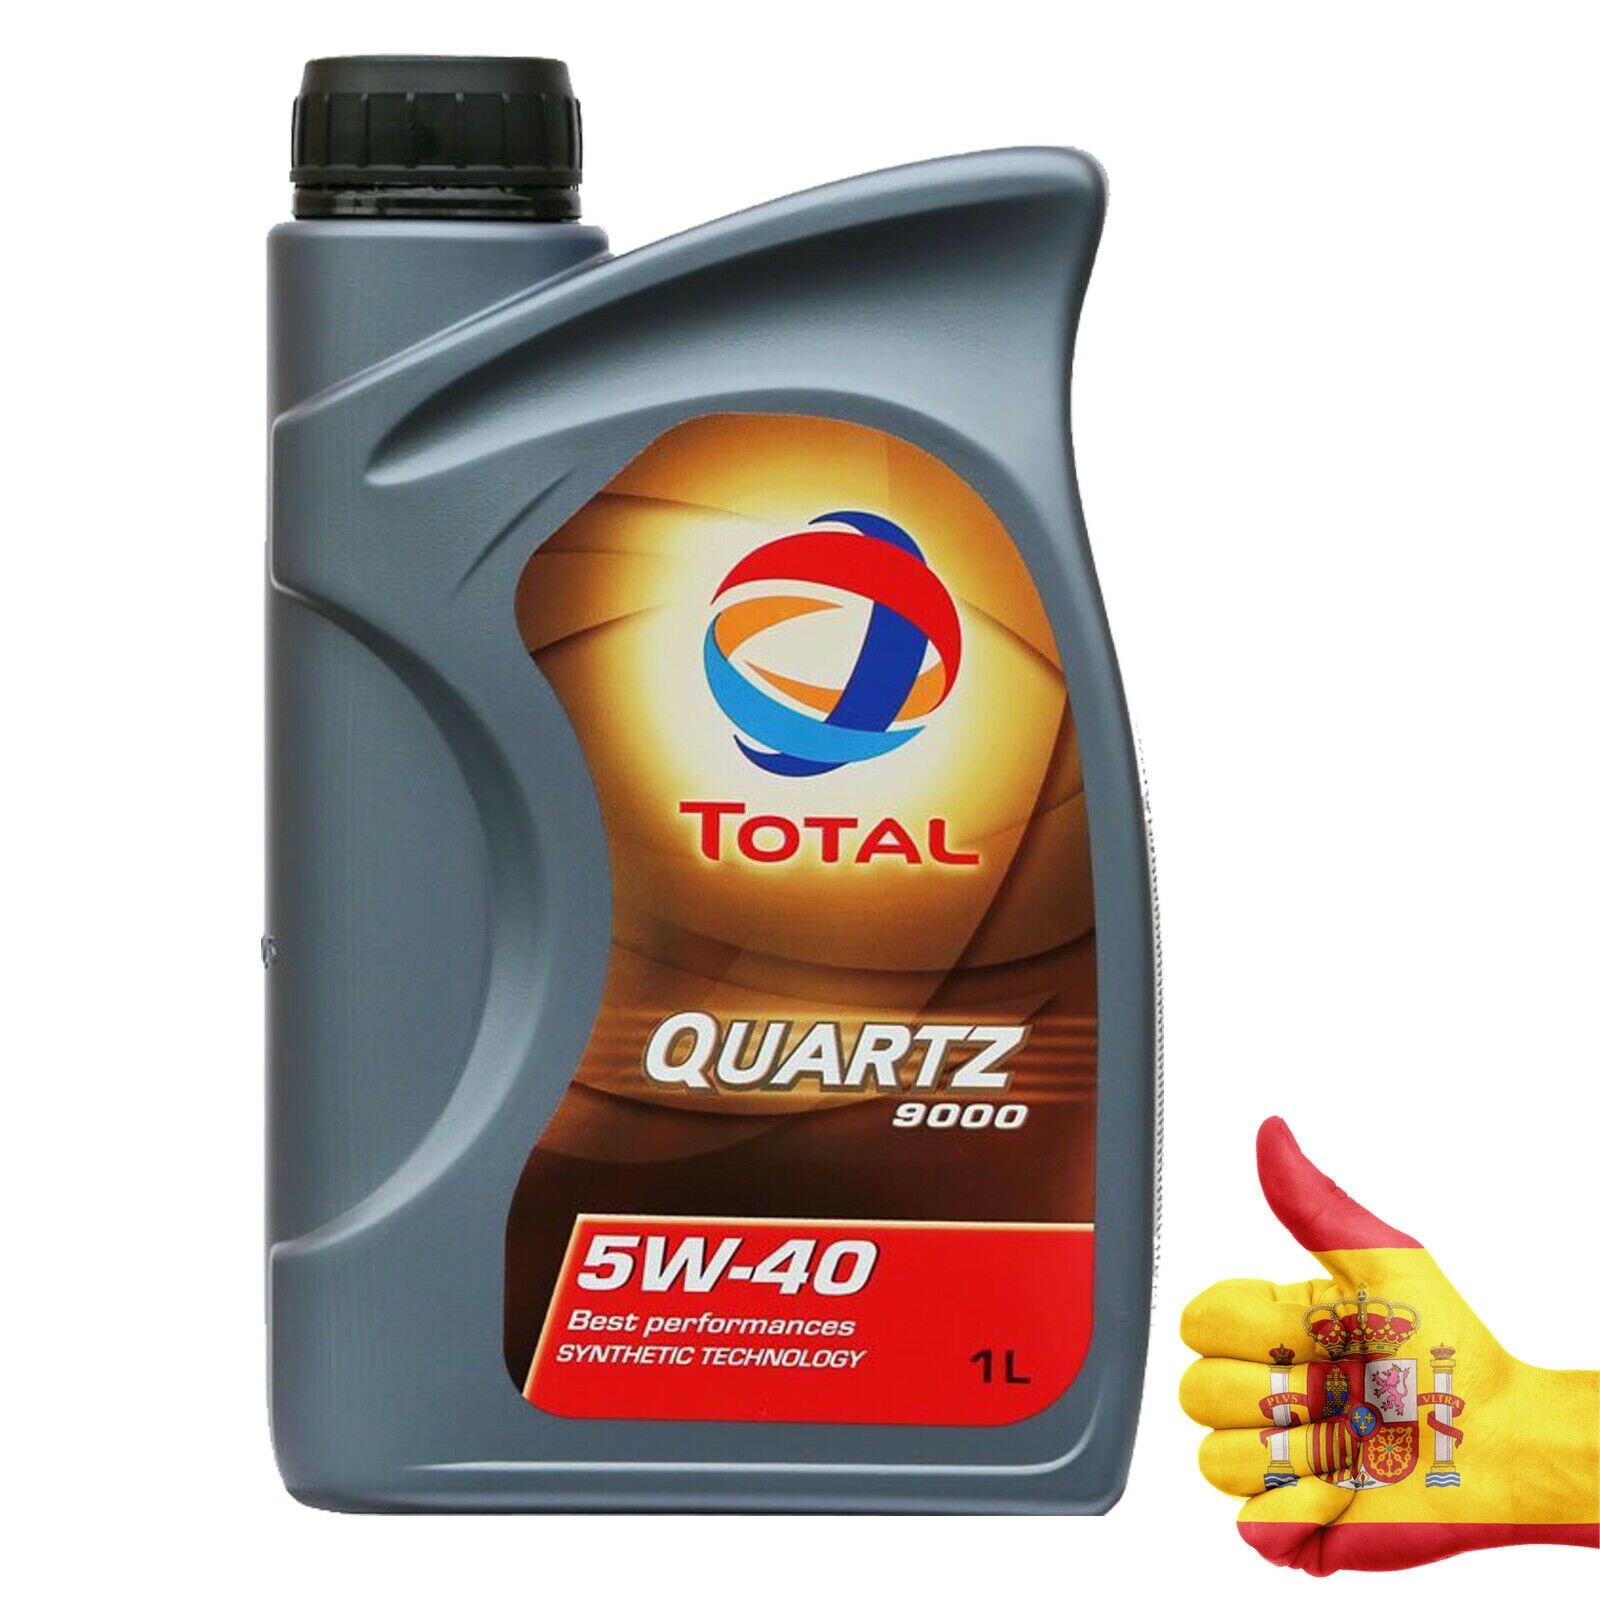 LUBRICANTE TOTAL QUARTZ 9000 Sintético SAE 5W40 Aceite de Motor 1 Litro 1L TOT008